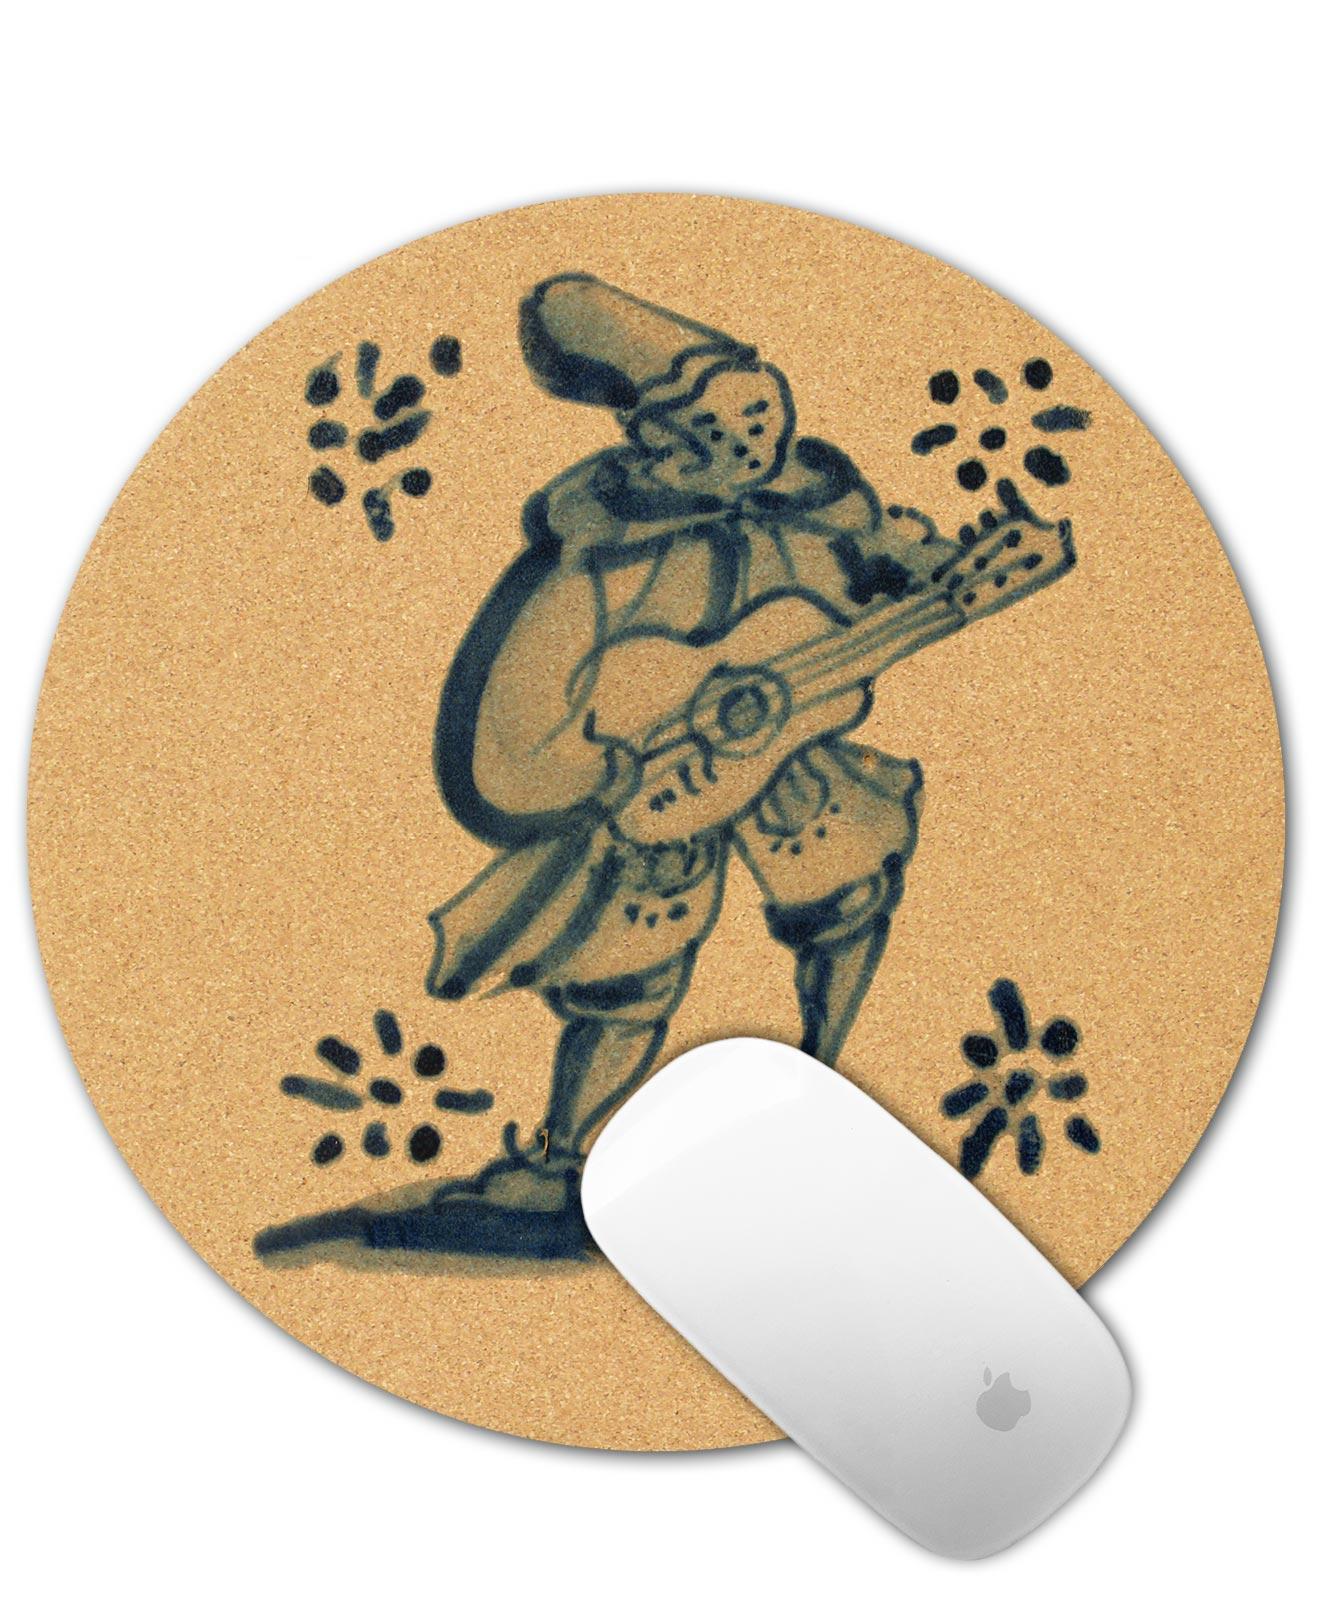 Tile Cork Mouse Pad